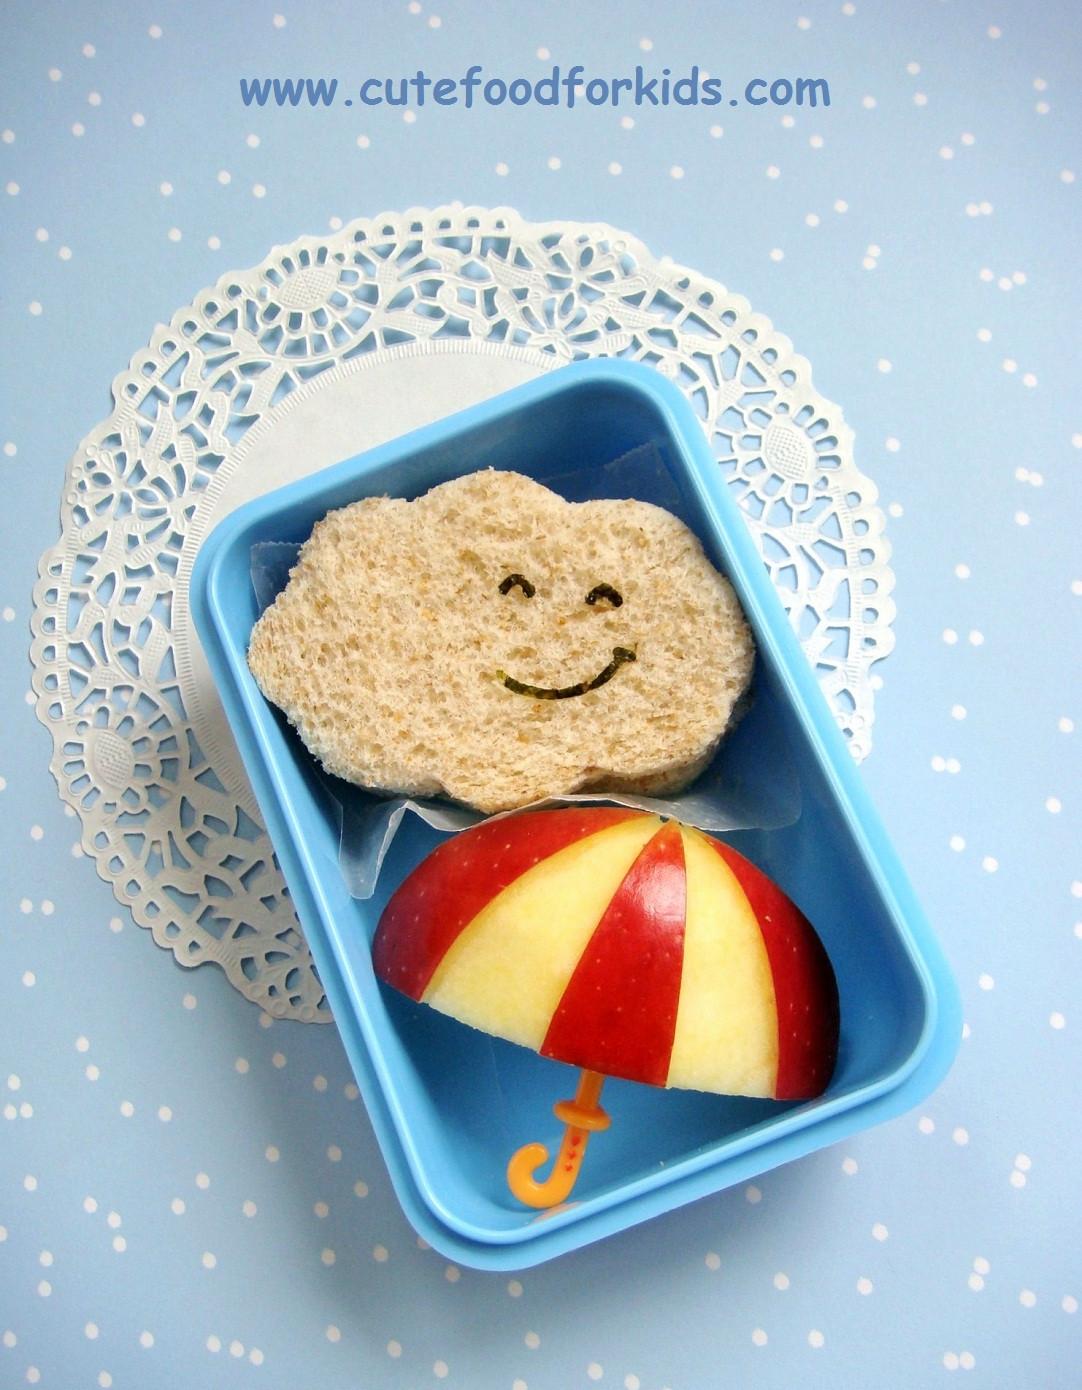 Cute Healthy Snacks  Cute Food For Kids Healthy Snack Idea Apple Umbrella